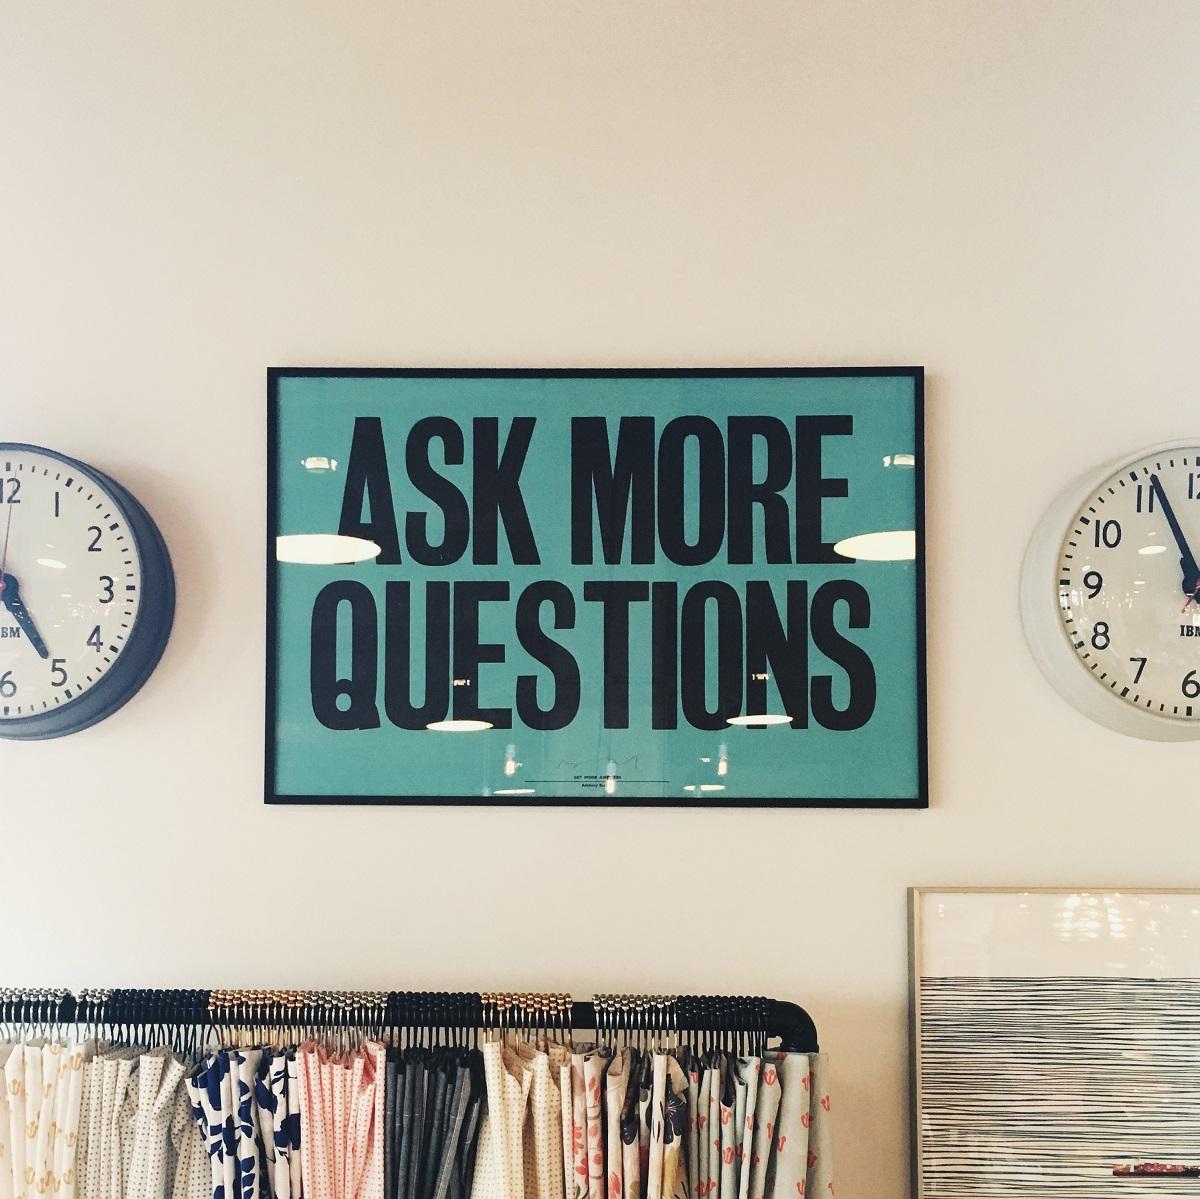 Stellt mehr Fragen, nehmt Kontakt auf, werdet neugierig. (Foto: Jonathan Simcoe, Unsplash.com)